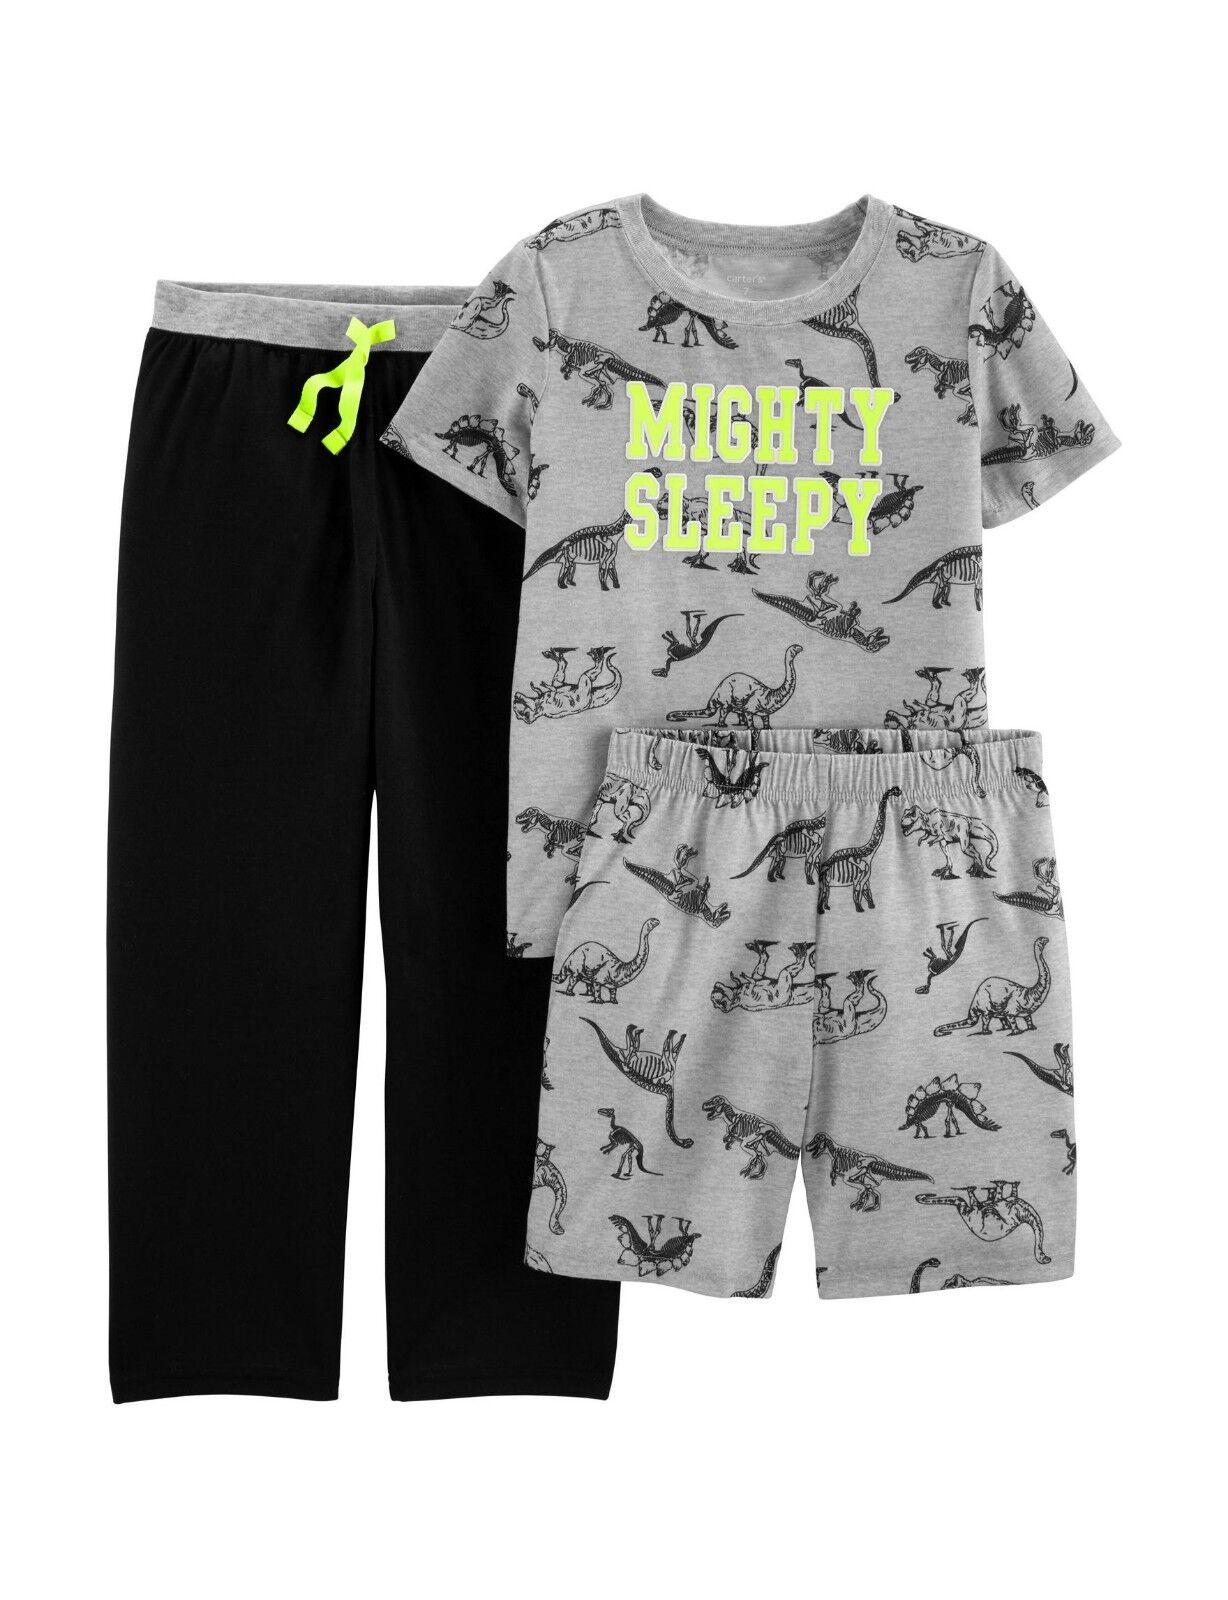 New Carter/'s 3-Piece Mighty Sleepy Dinosaur Pajama Set Boys 6 7 8 10